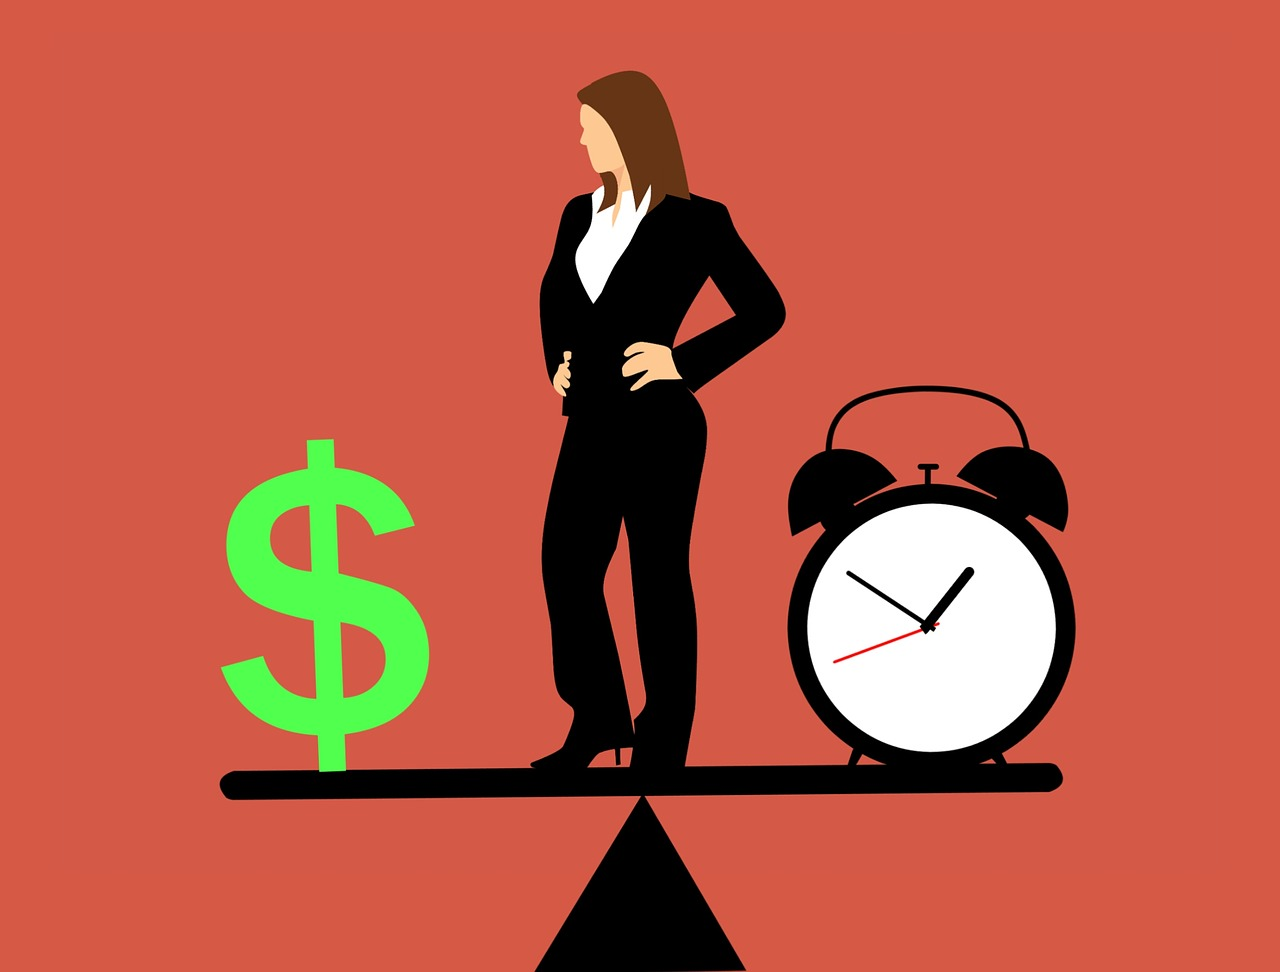 税理士試験と大学院免除にかかる時間とお金の比較